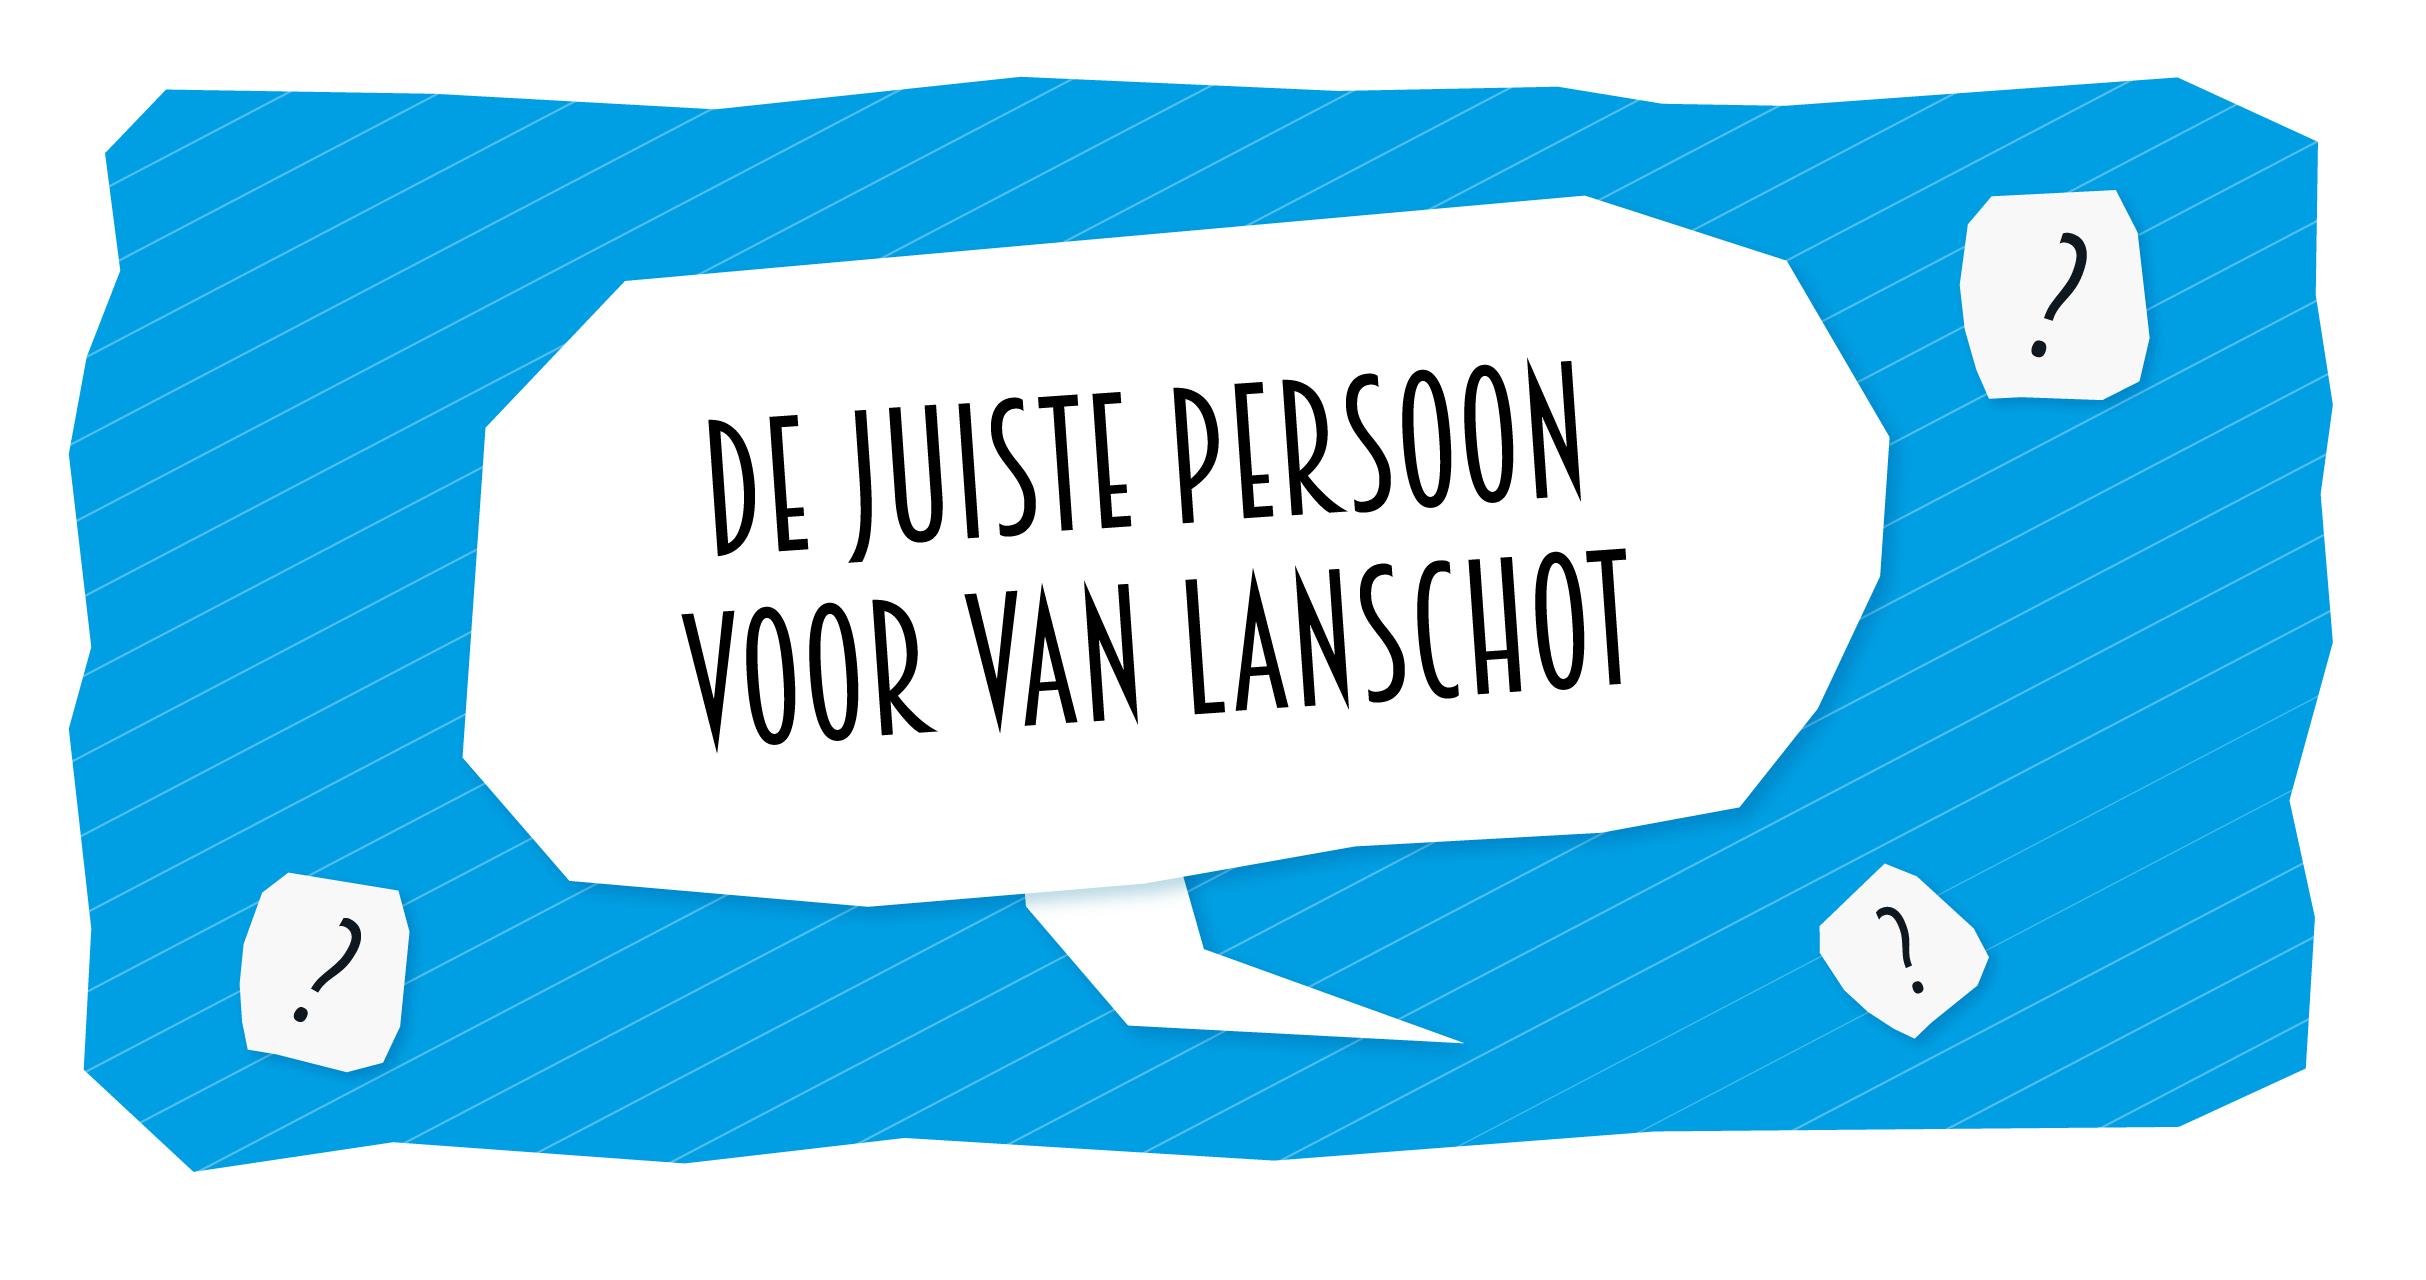 Blog de juiste persoon voor Van Lanschot